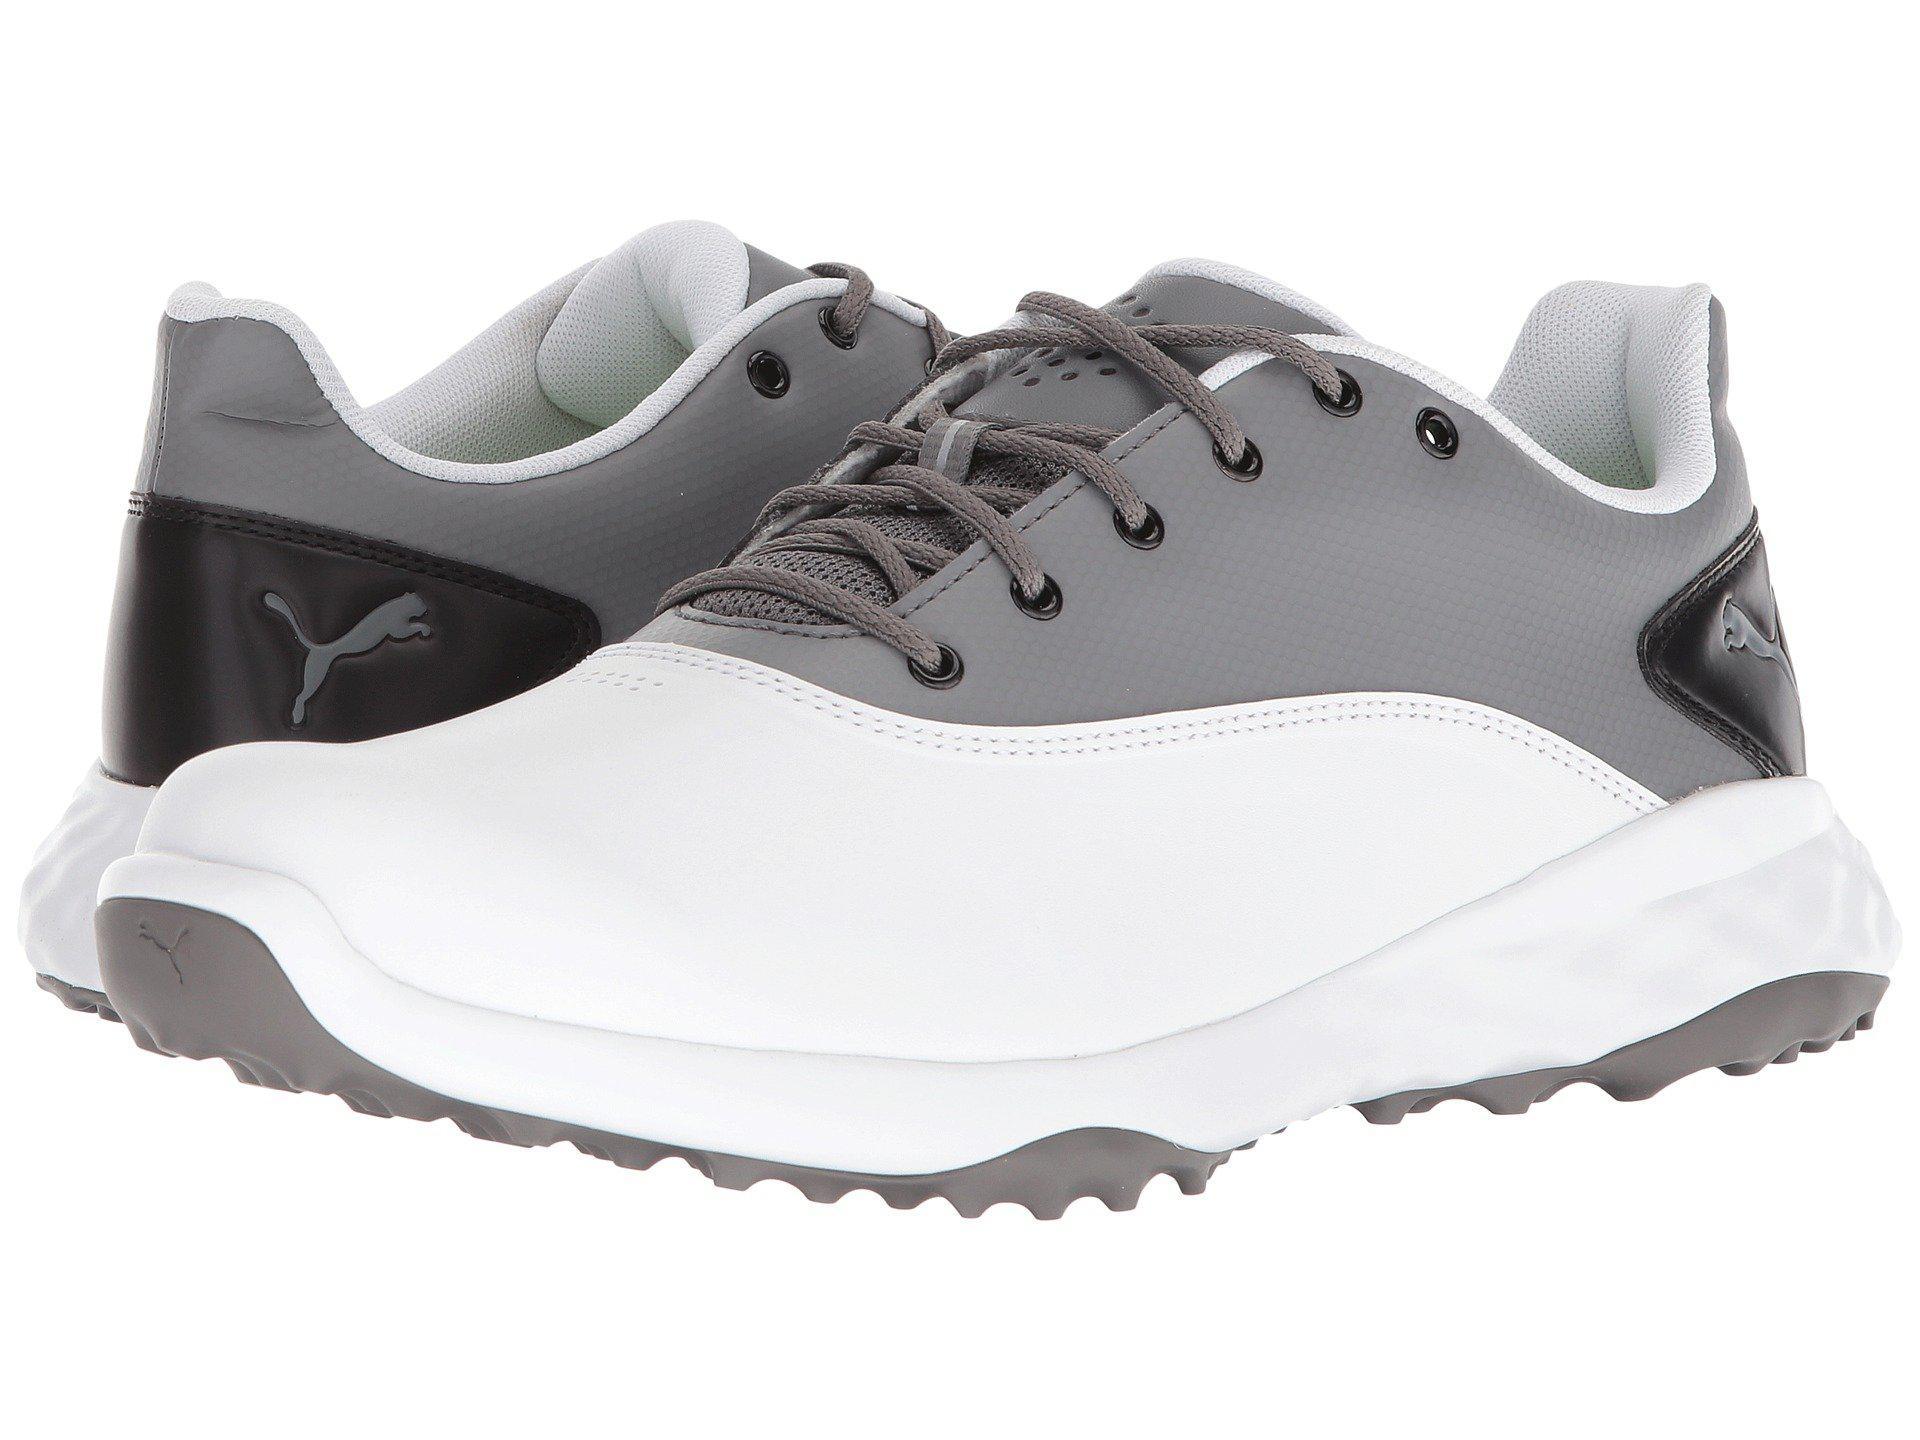 9670be155e593c PUMA. Gray Grip Fusion (puma White puma Black blue) Men s Golf Shoes